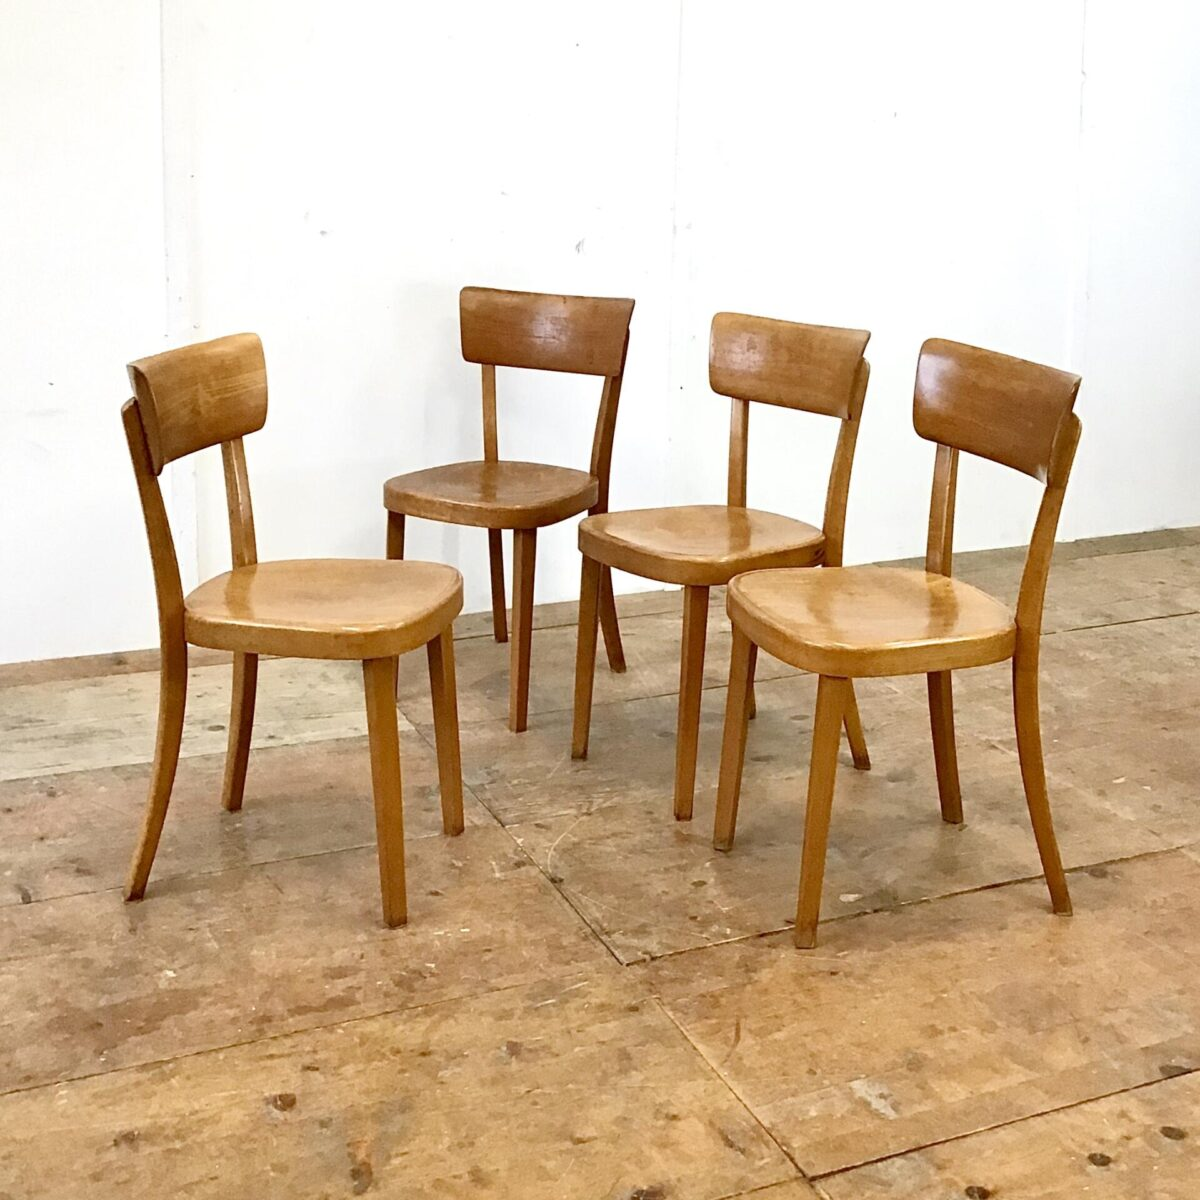 Klassische bequeme Esszimmer Stühle. 30 horgenglarus Beizenstühle. Preis pro Stuhl. Die Stühle sind in gebrauchtem Zustand. Diverse Hicke Schrammen Lack abplatzer, technisch jedoch in stabilem Zustand.